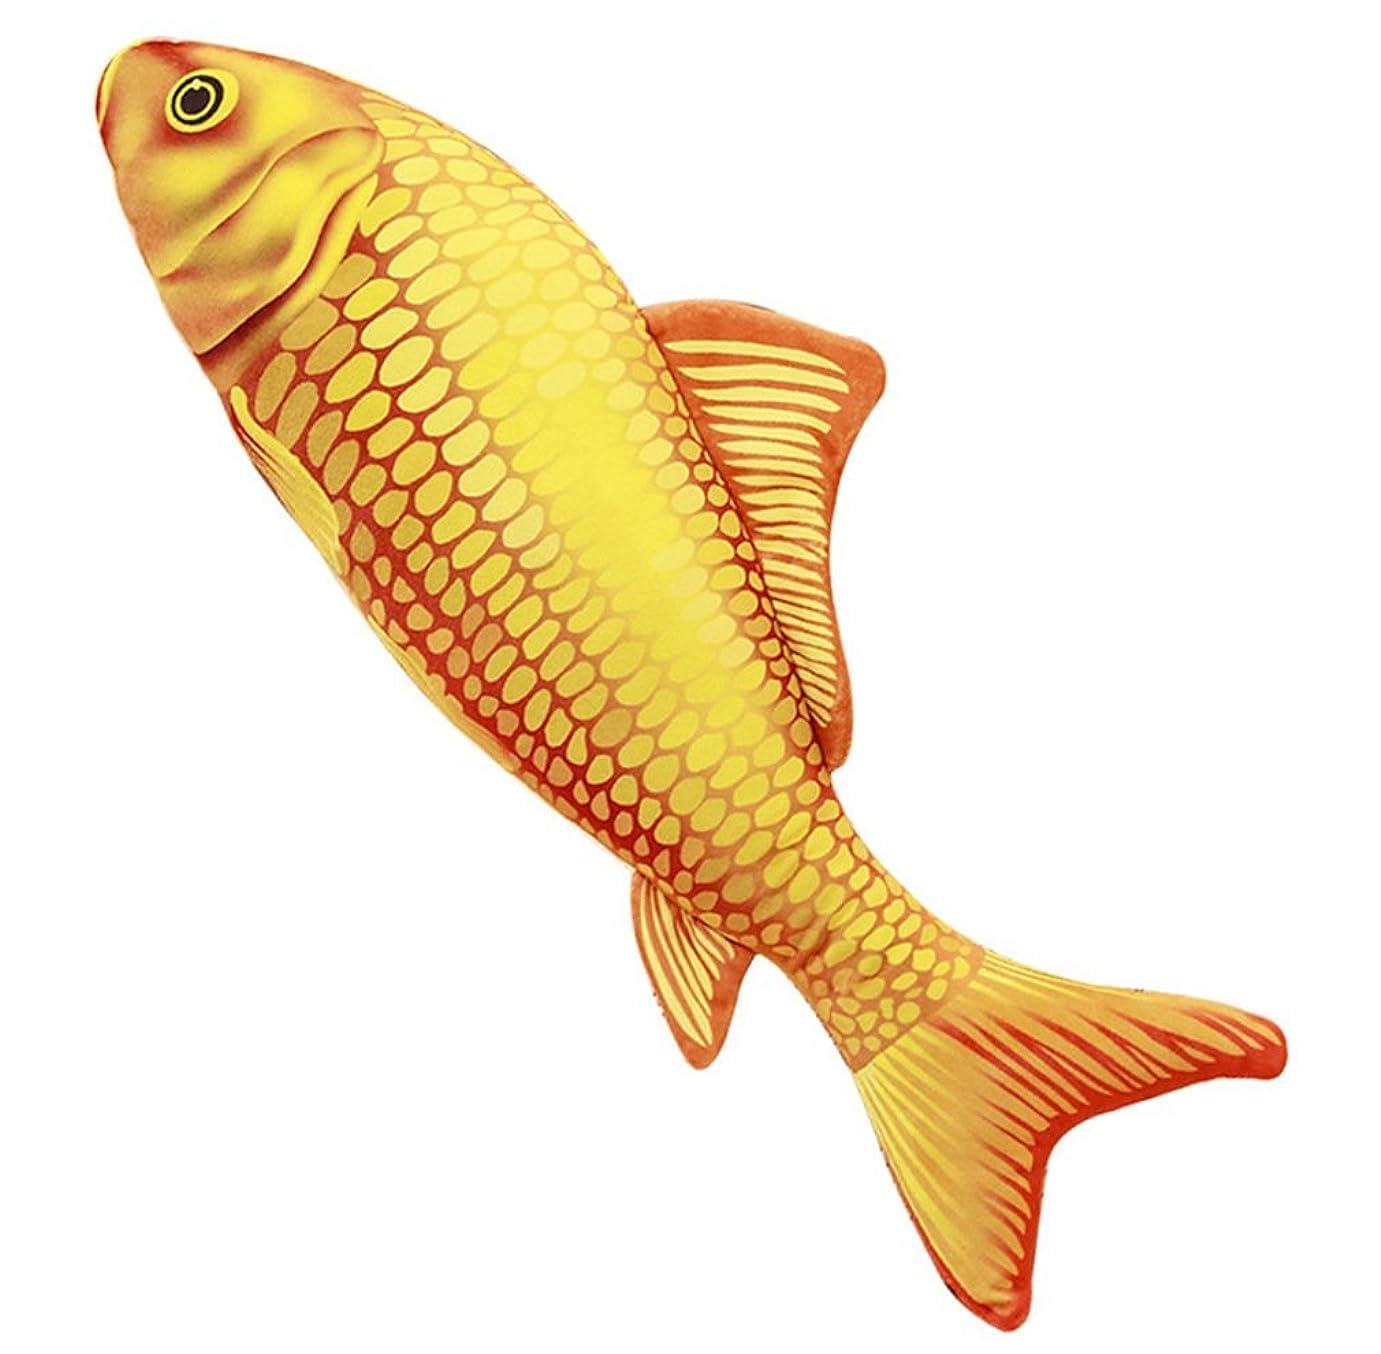 できた登山家コカイン鯉 抱き枕 錦鯉 超リアル ニシキゴイぬいぐるみ かわいい (金鯉, 90cm)